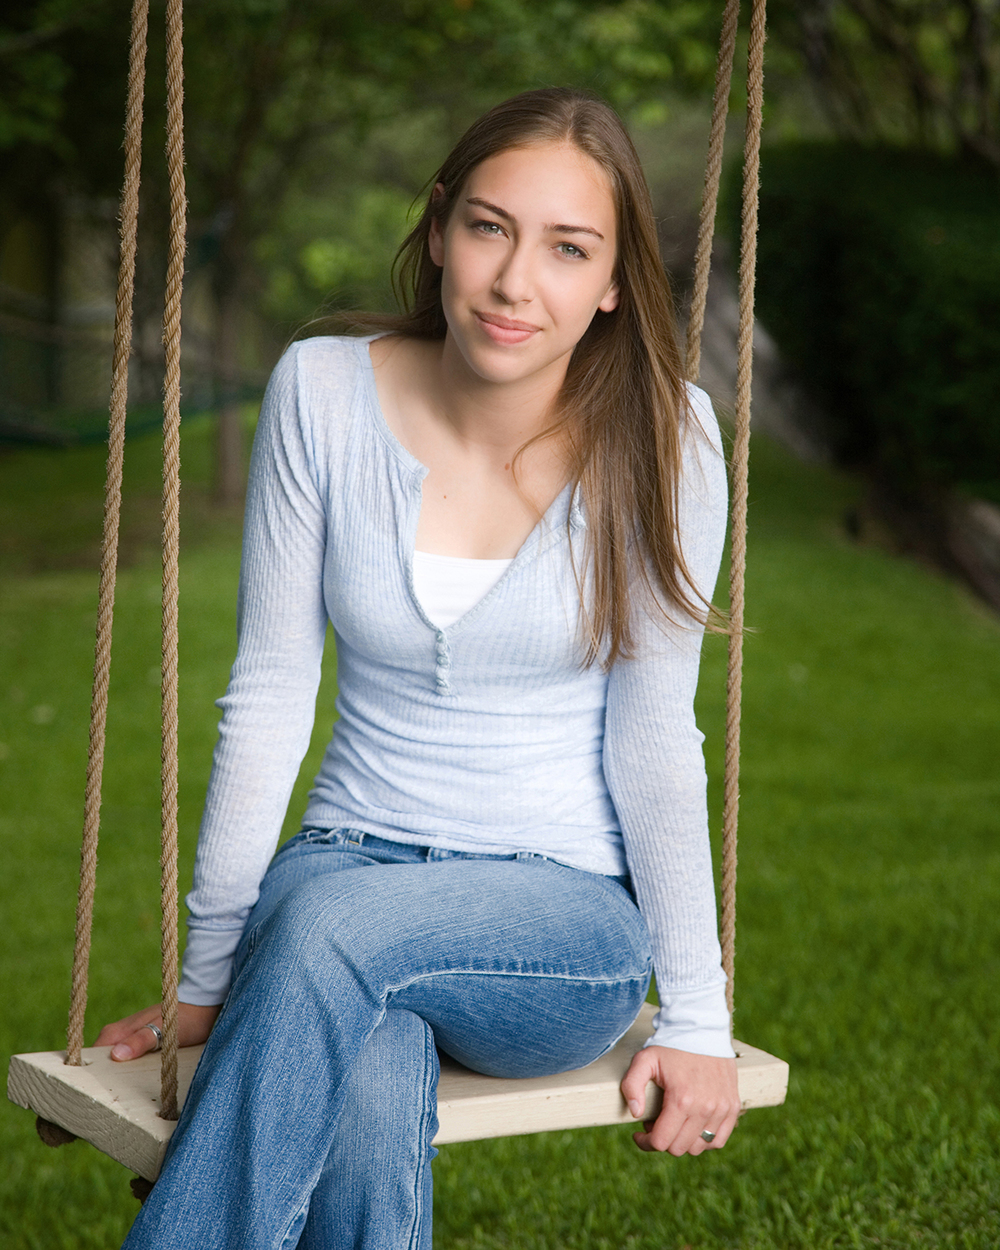 Austin_Senior Portraits_Bur_09.jpg